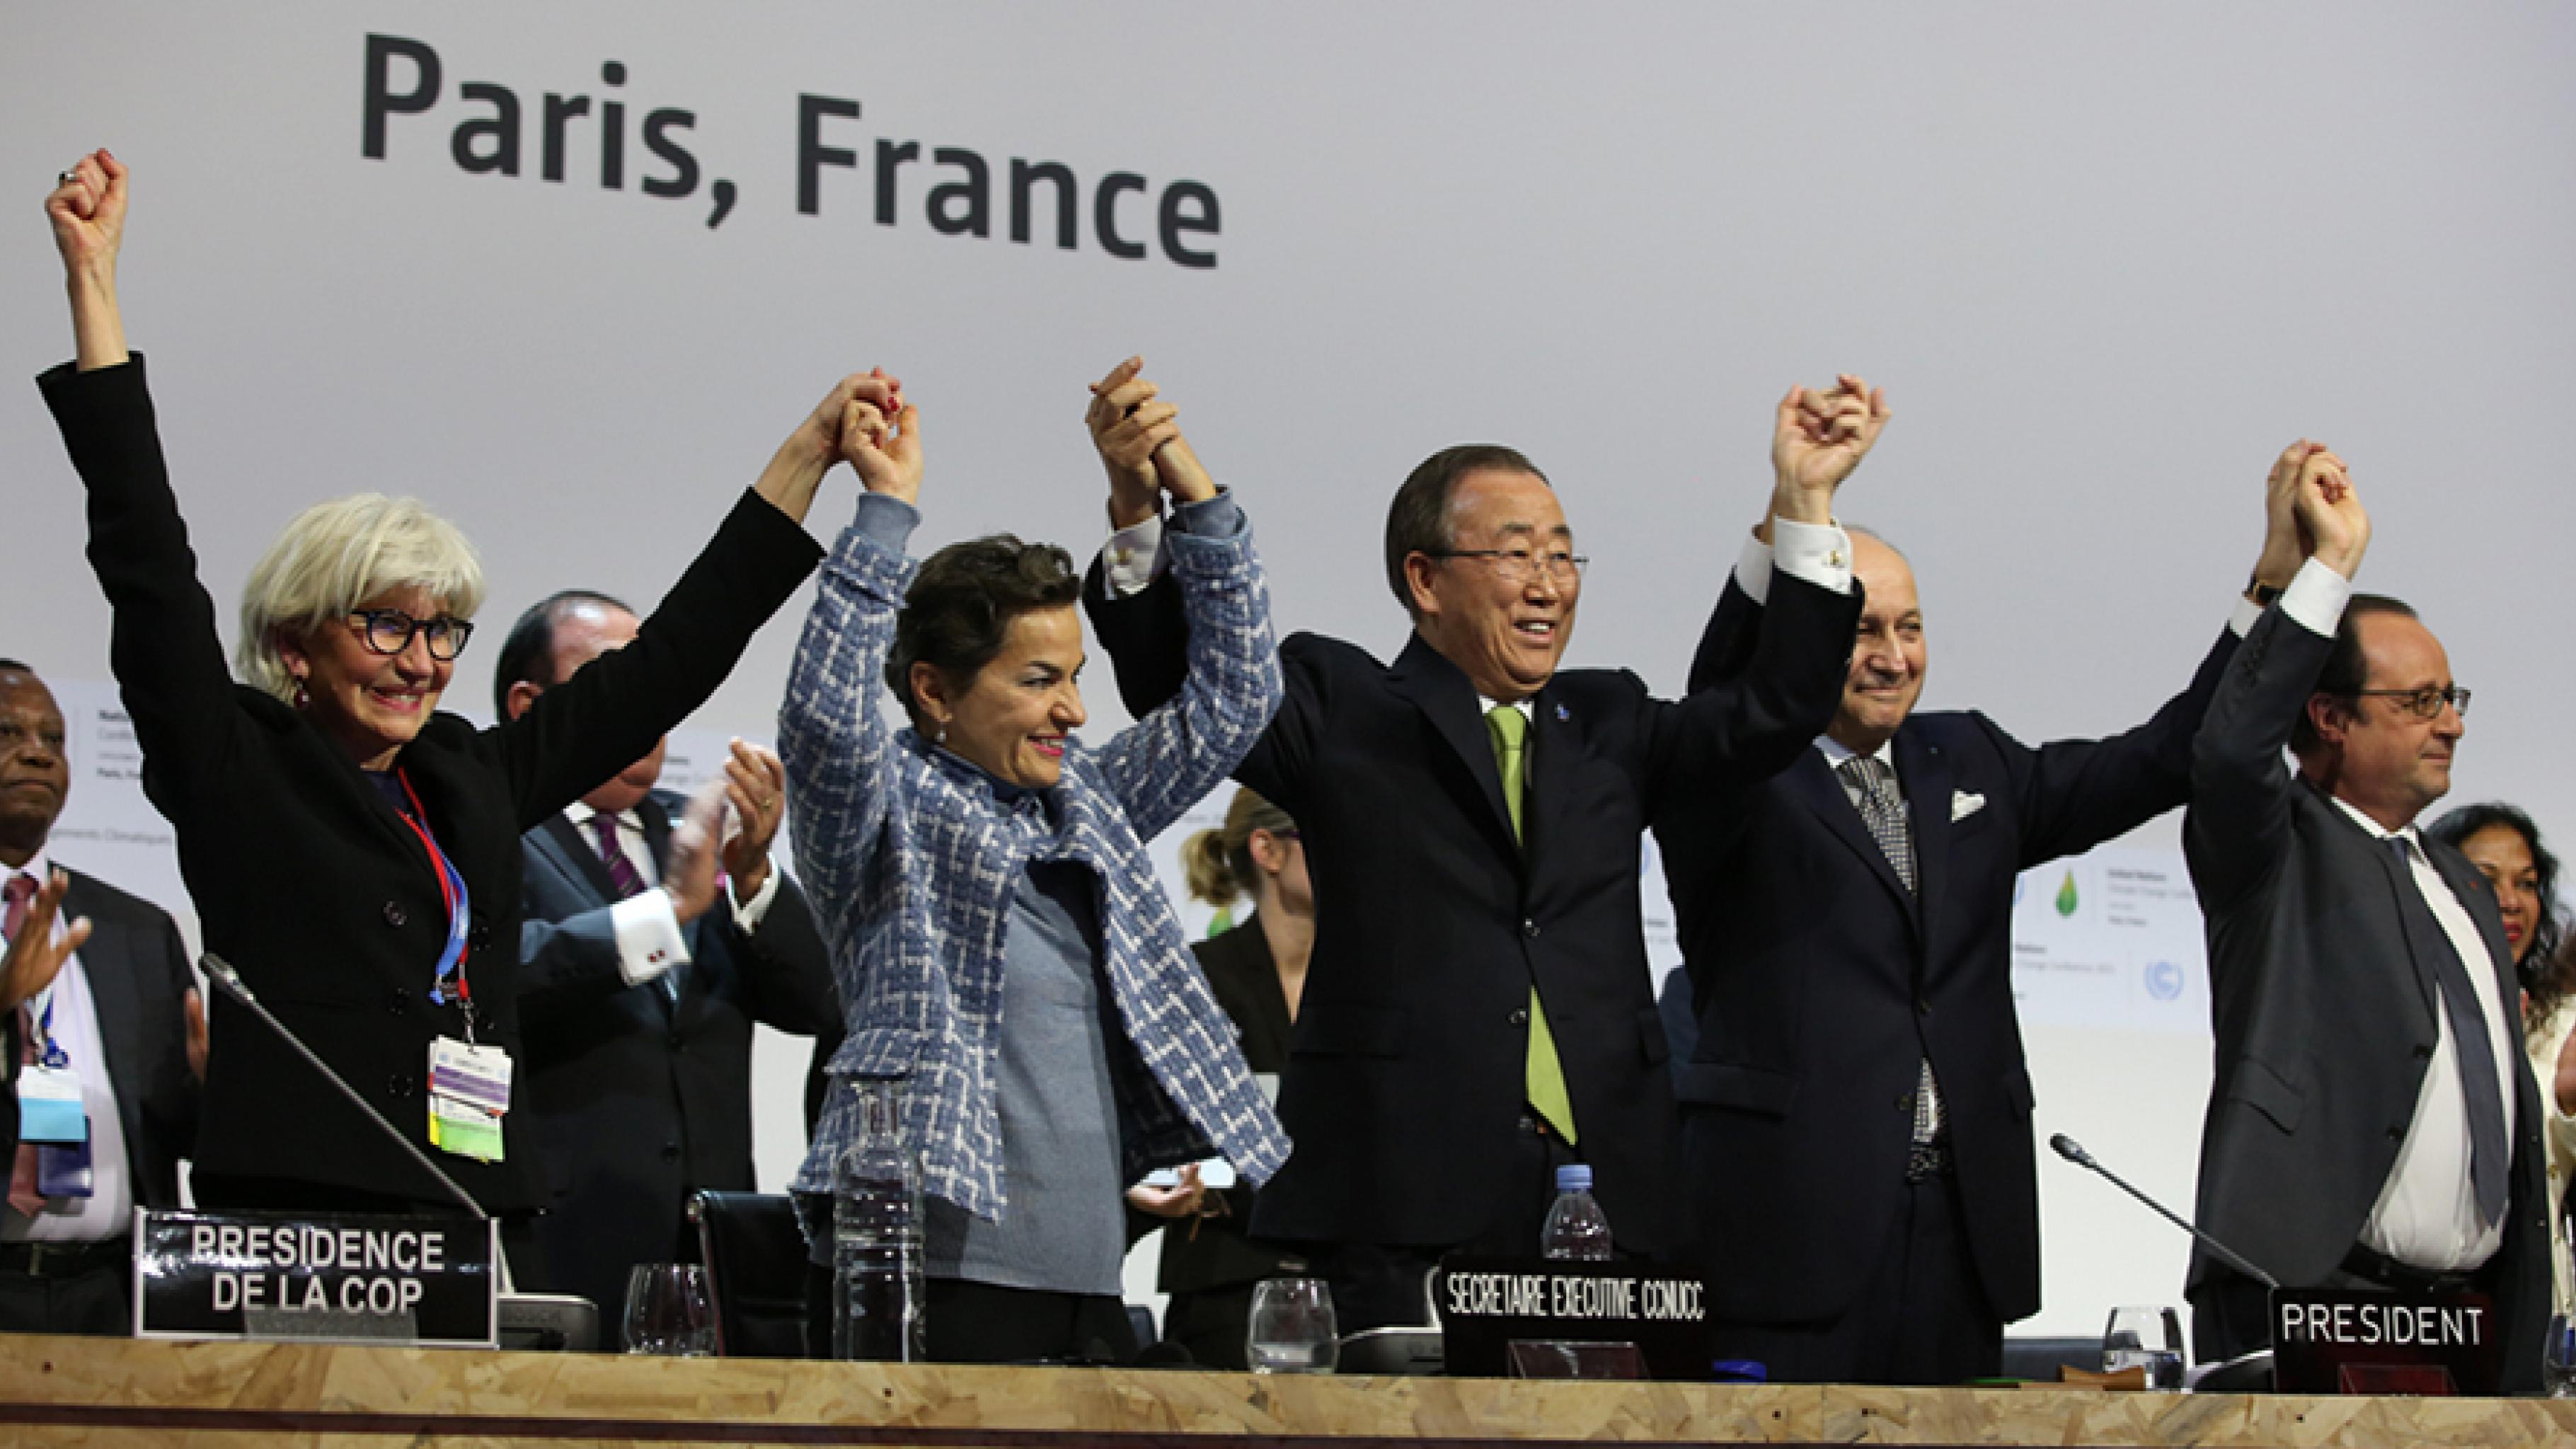 Jubel fürs Pariser Klimaschutzabkommen